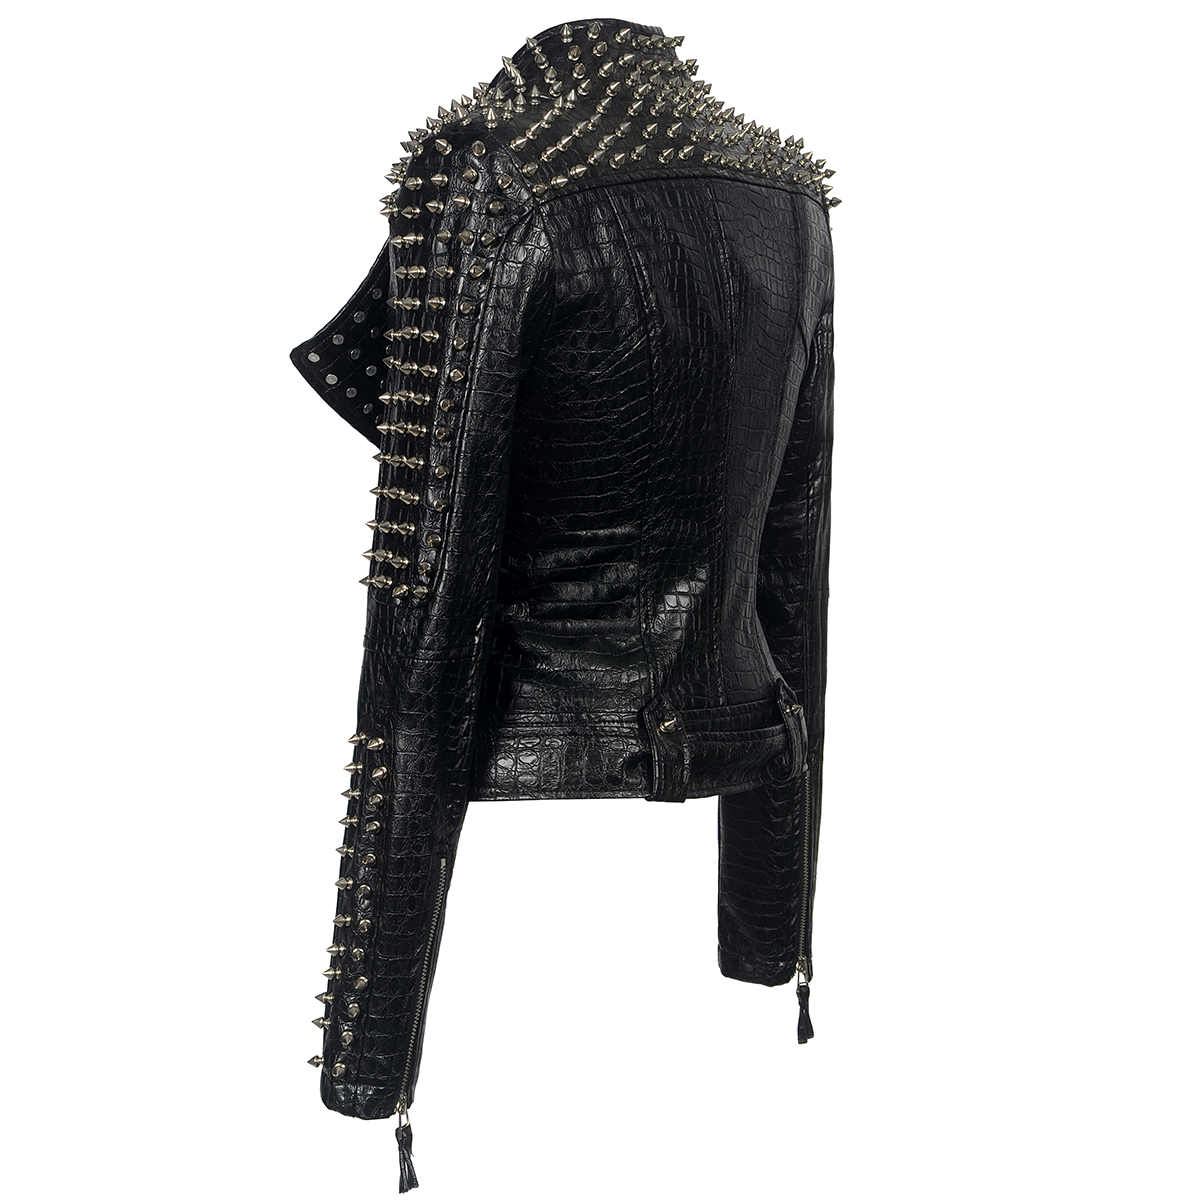 Outono quente grosso longo casaco de couro preto mulheres nova reversão delgados blusão de couro PU Parka chamariz a Mujahir WZ791 - 2